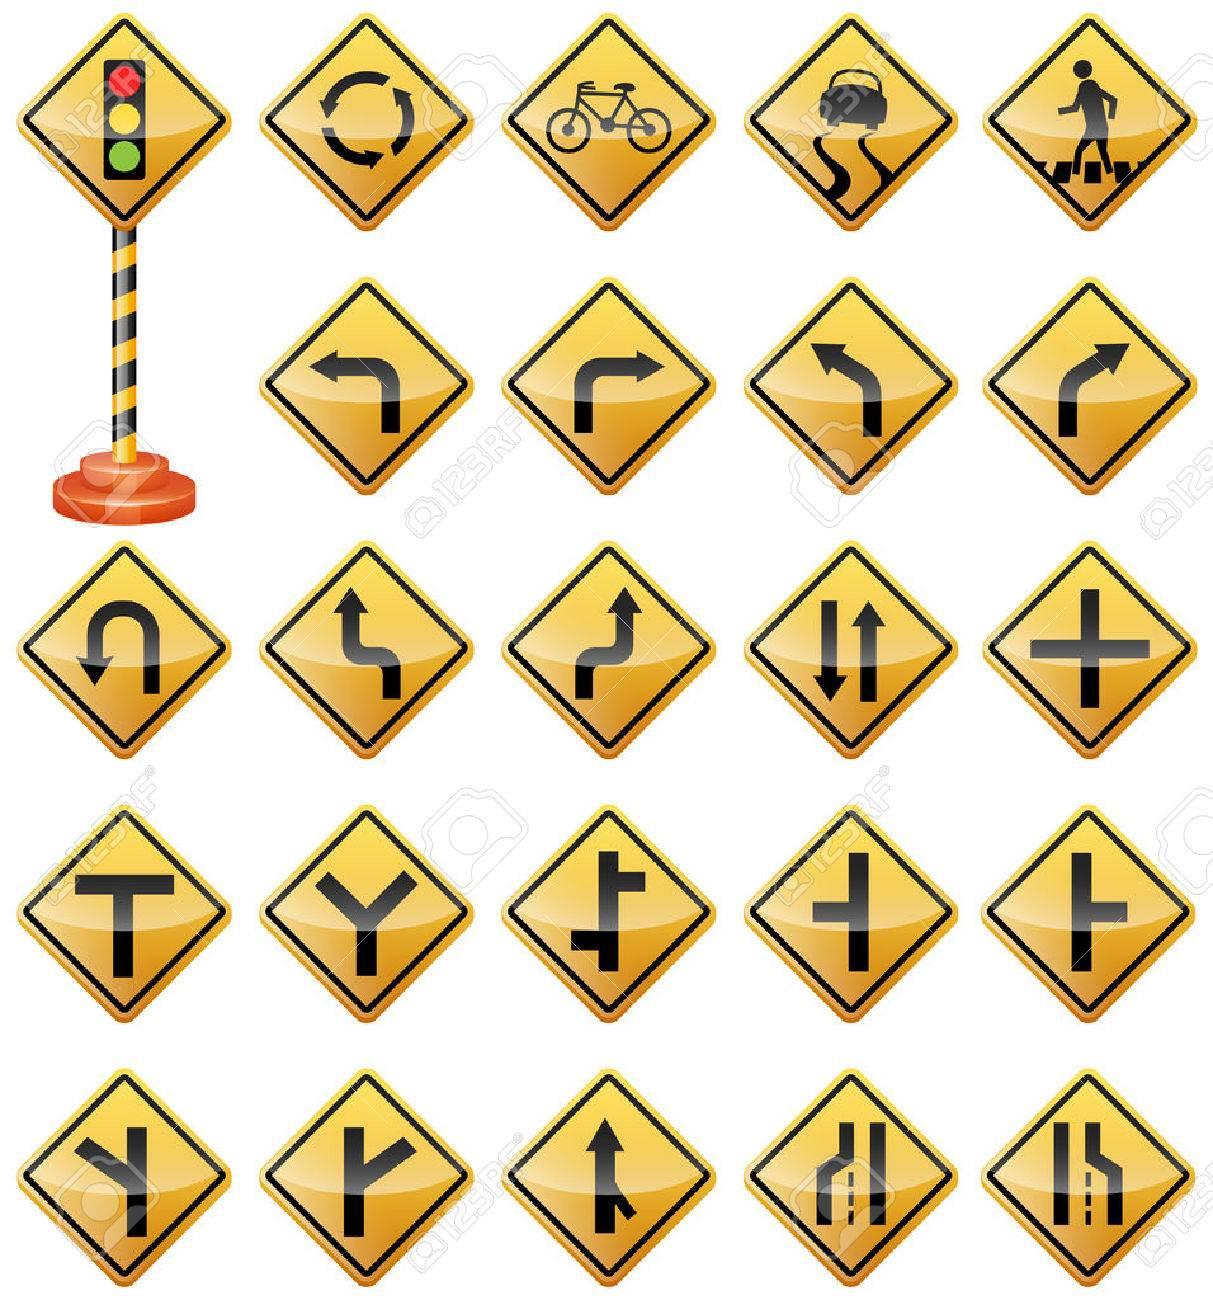 道路標識、交通標識、警戒標識、...